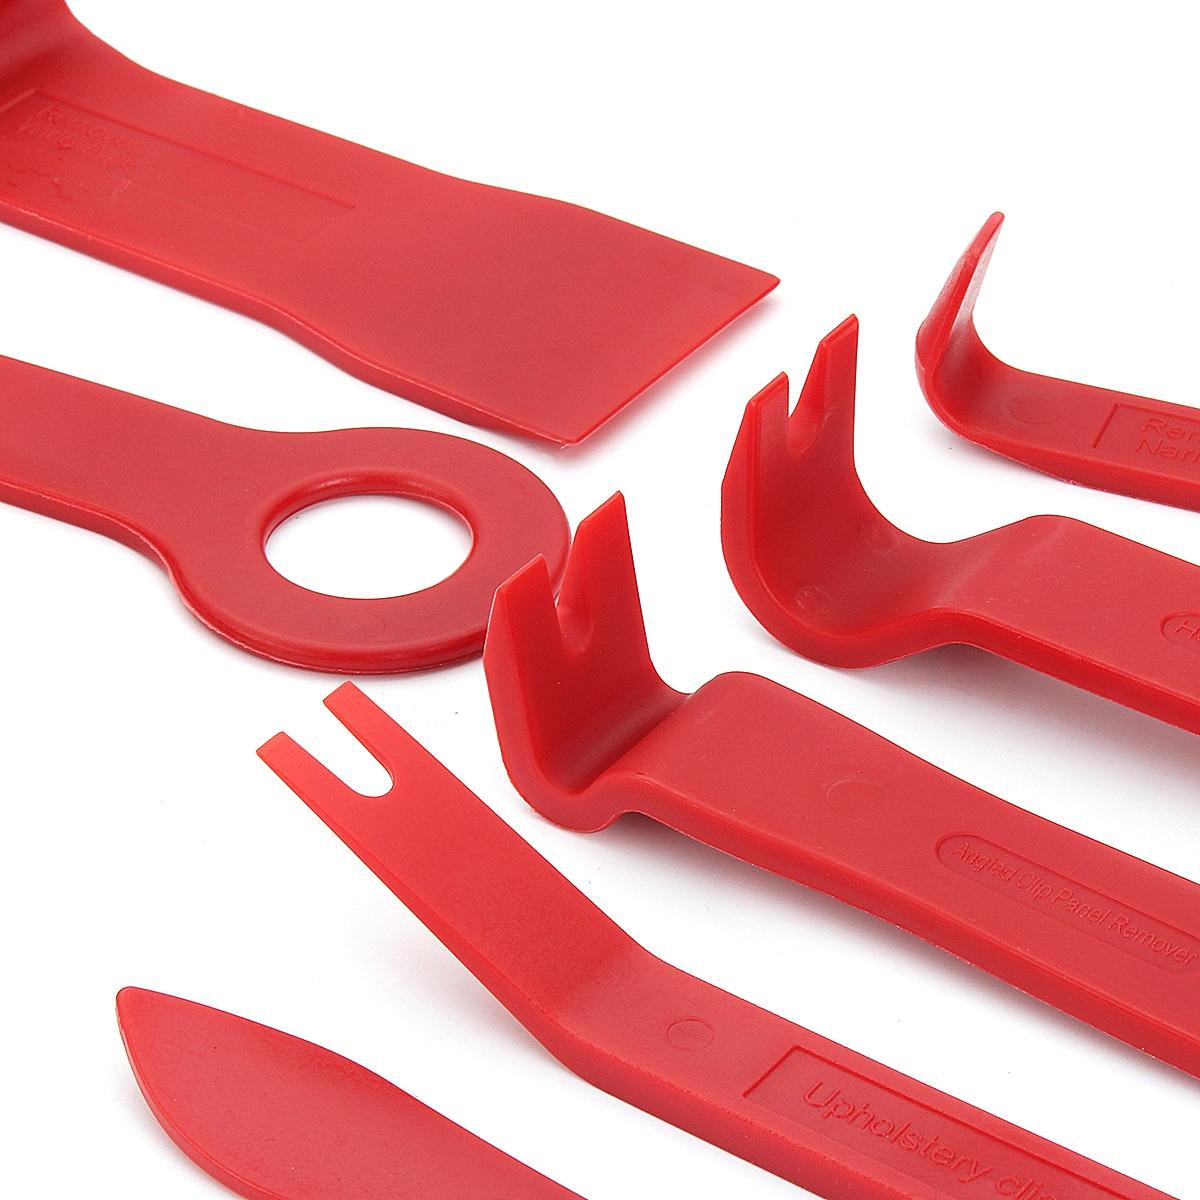 15pcs Meter Door Molding Remover Panel Trim Clip Removal Tools Kit Red Set Car Repair Tool